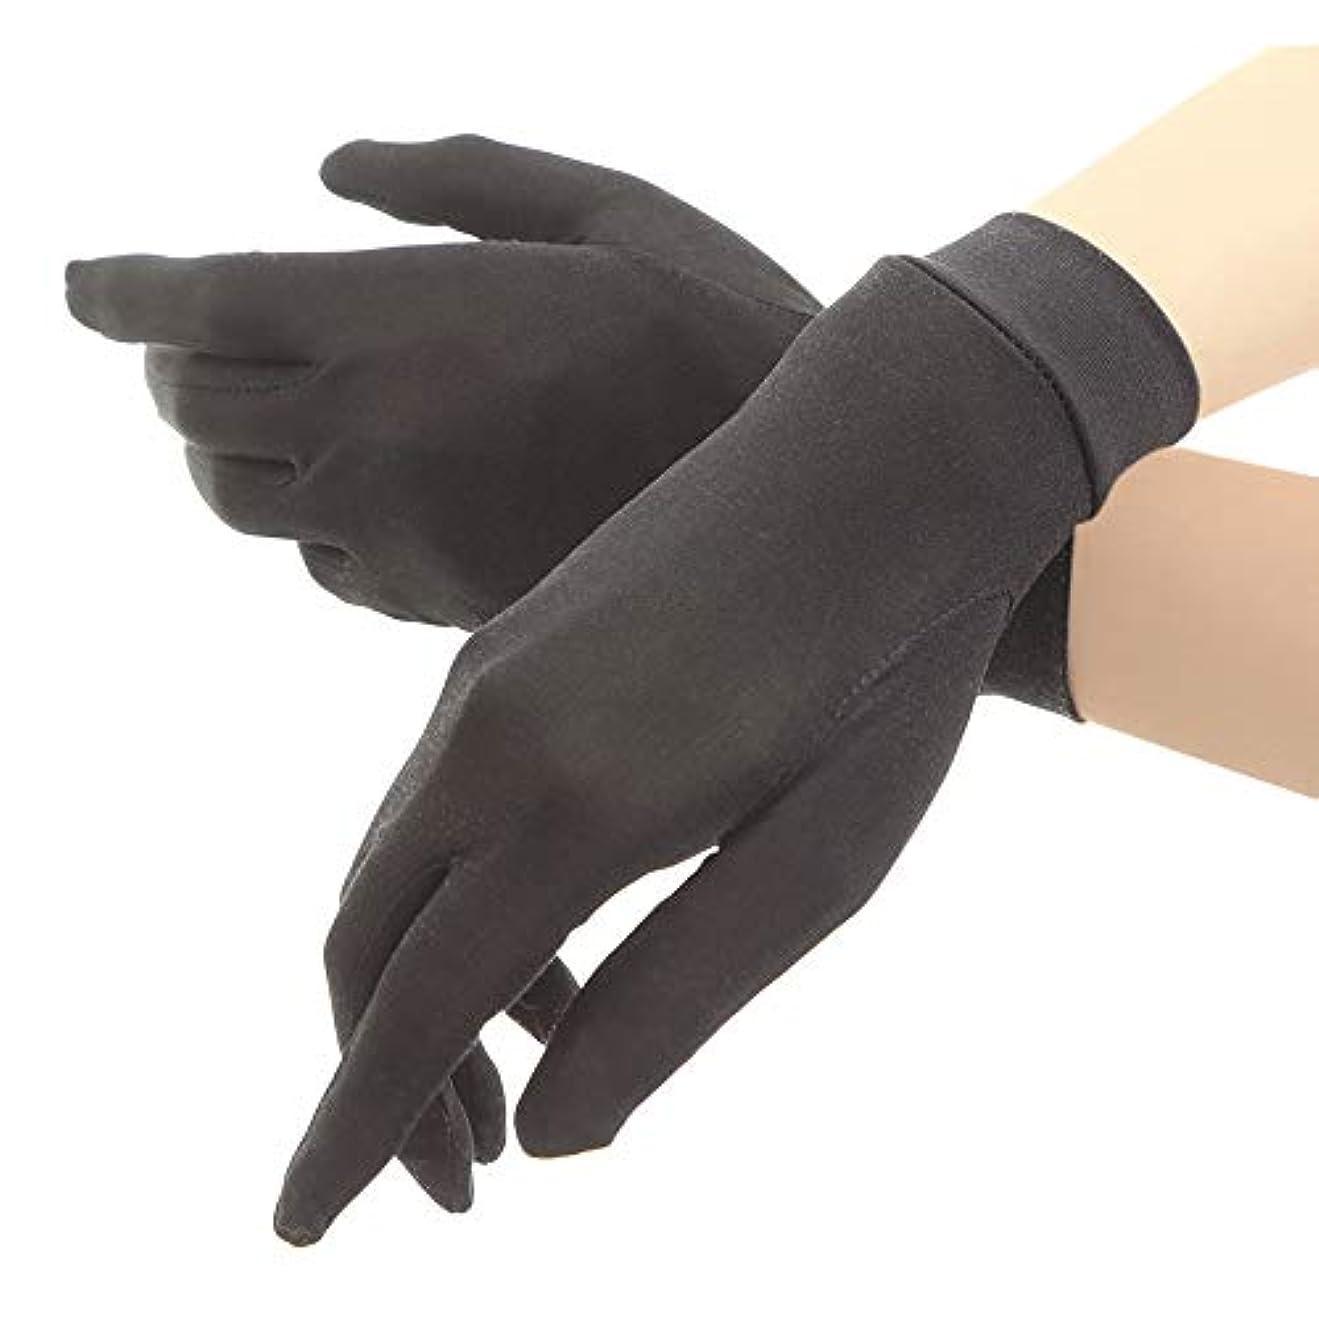 補体傷つきやすいクルーシルク手袋 レディース 手袋 シルク 絹 ハンド ケア 保湿 紫外線 肌荒れ 乾燥 サイズアップで手指にマッチ 【macch】